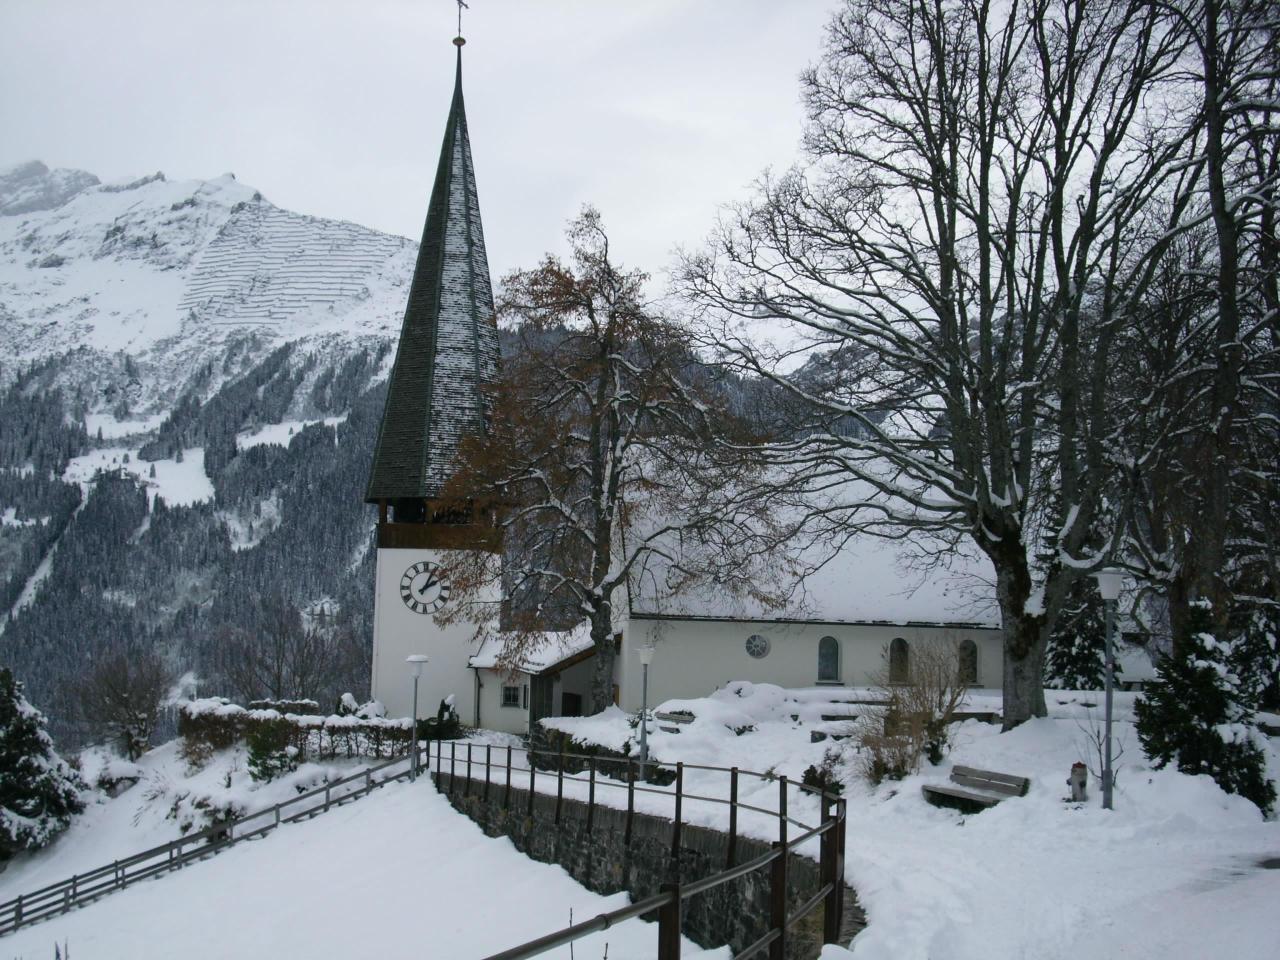 Appartement de vacances Birkli 2, 2 Bett Wohnung (2691724), Wengen, Région de la Jungfrau, Oberland bernois, Suisse, image 23